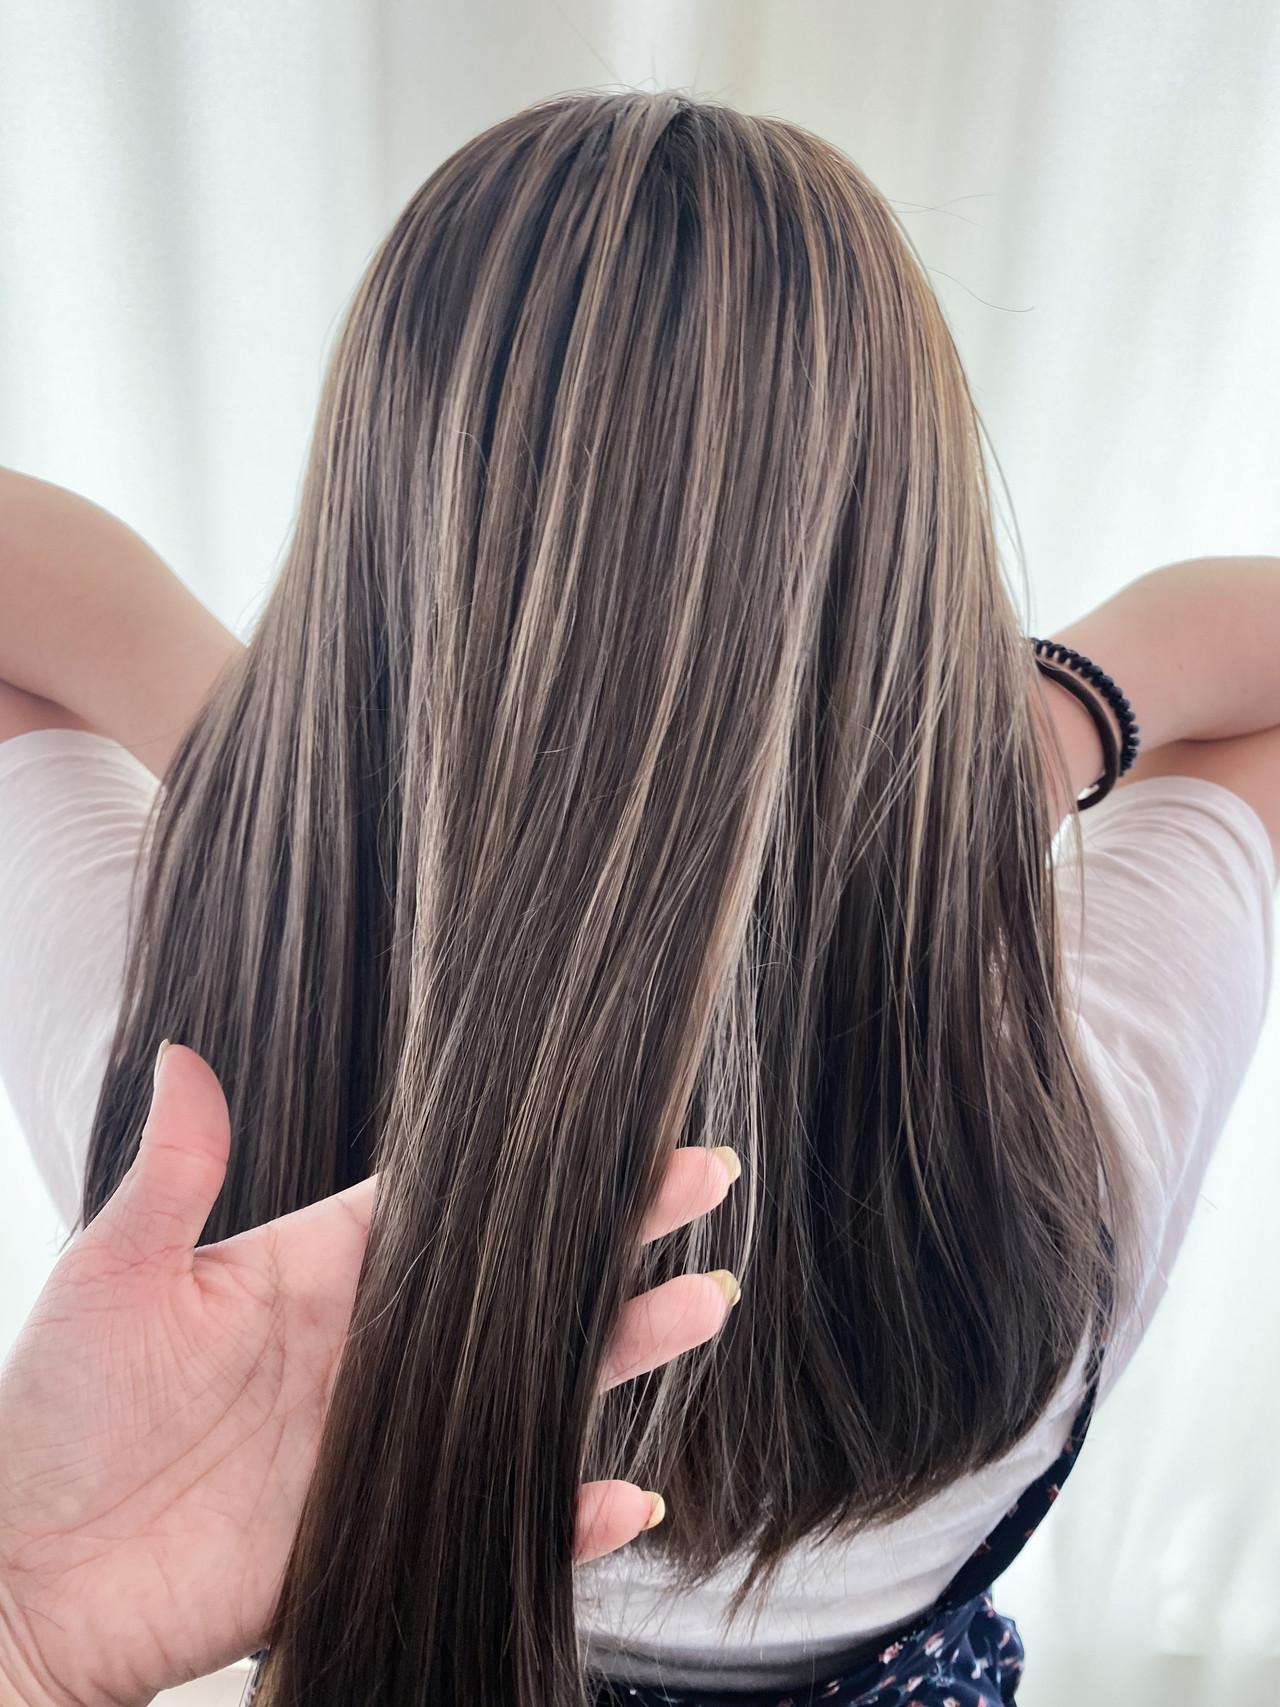 3Dハイライト コントラストハイライト ナチュラル セミロングヘアスタイルや髪型の写真・画像